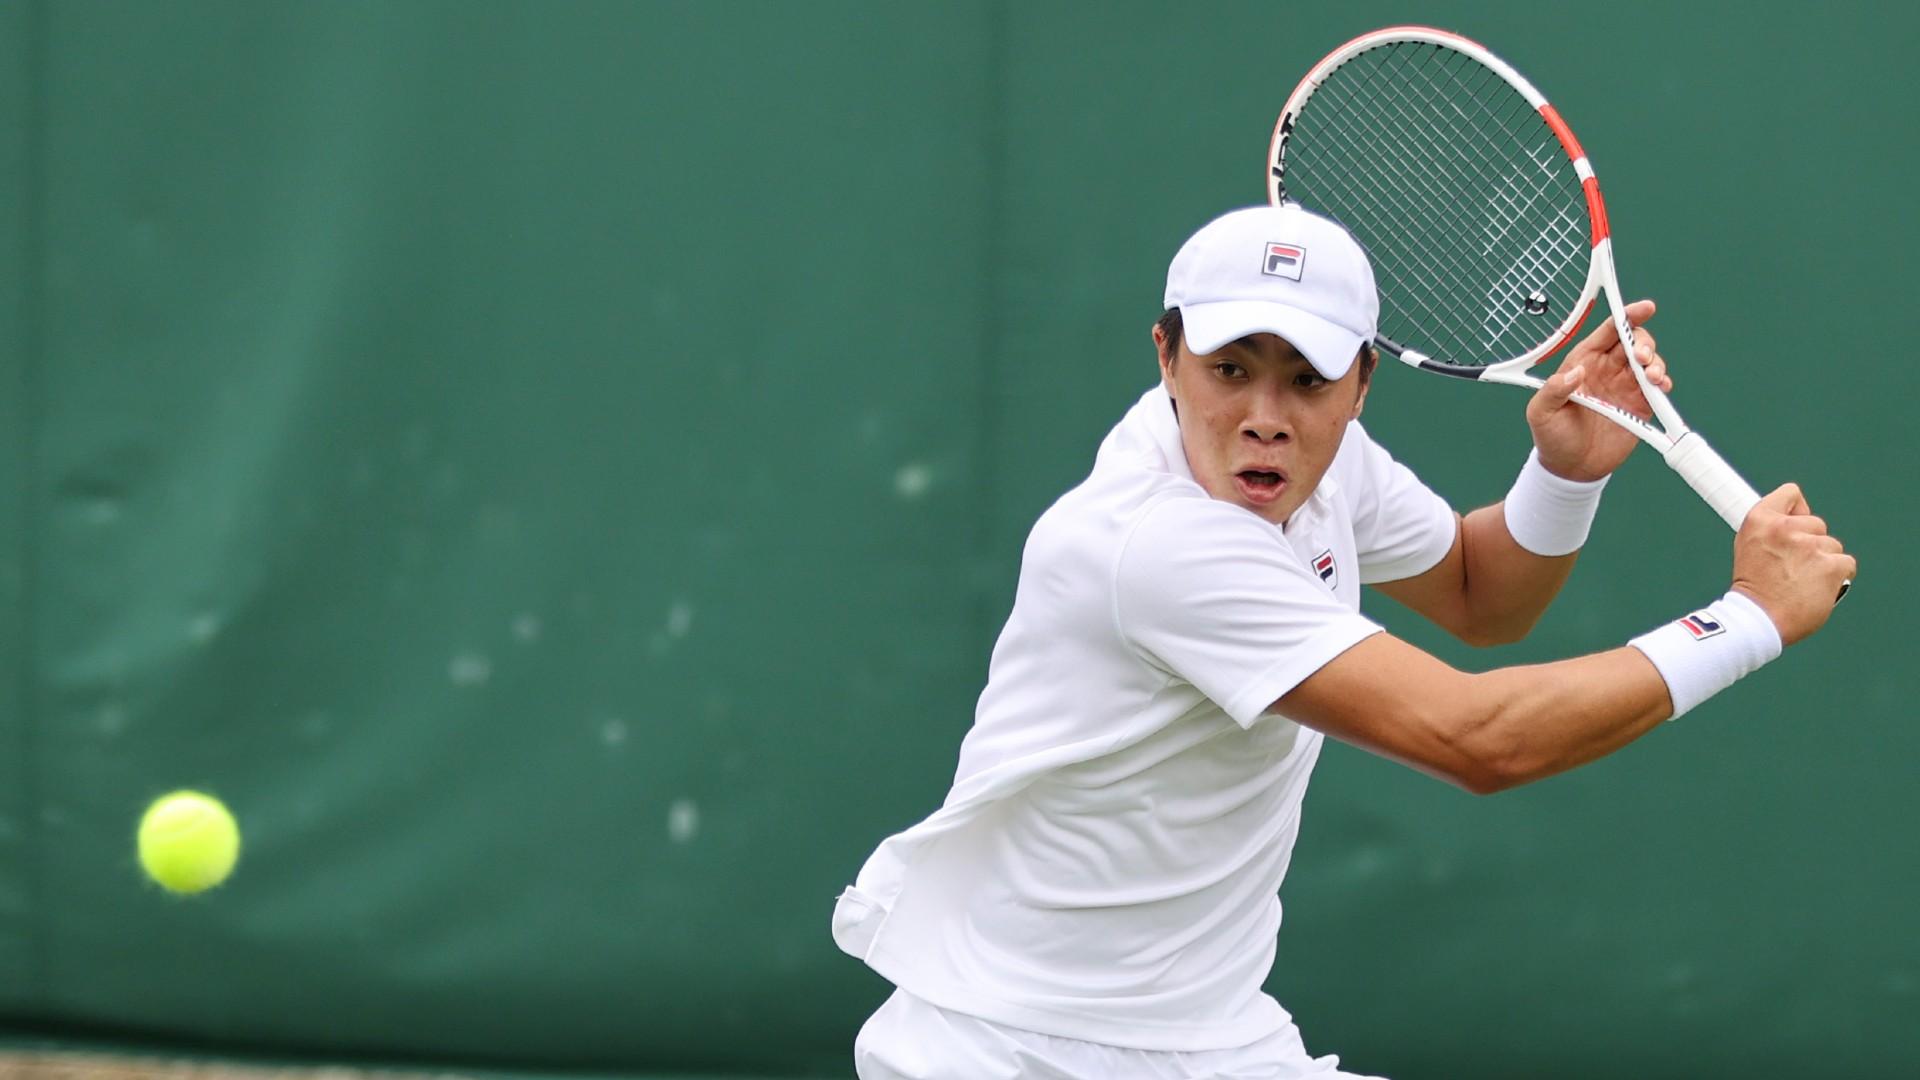 Young American Brandon Nakashima continued a run of upsets, beating top seed Milos Raonic at the Atlanta Open.